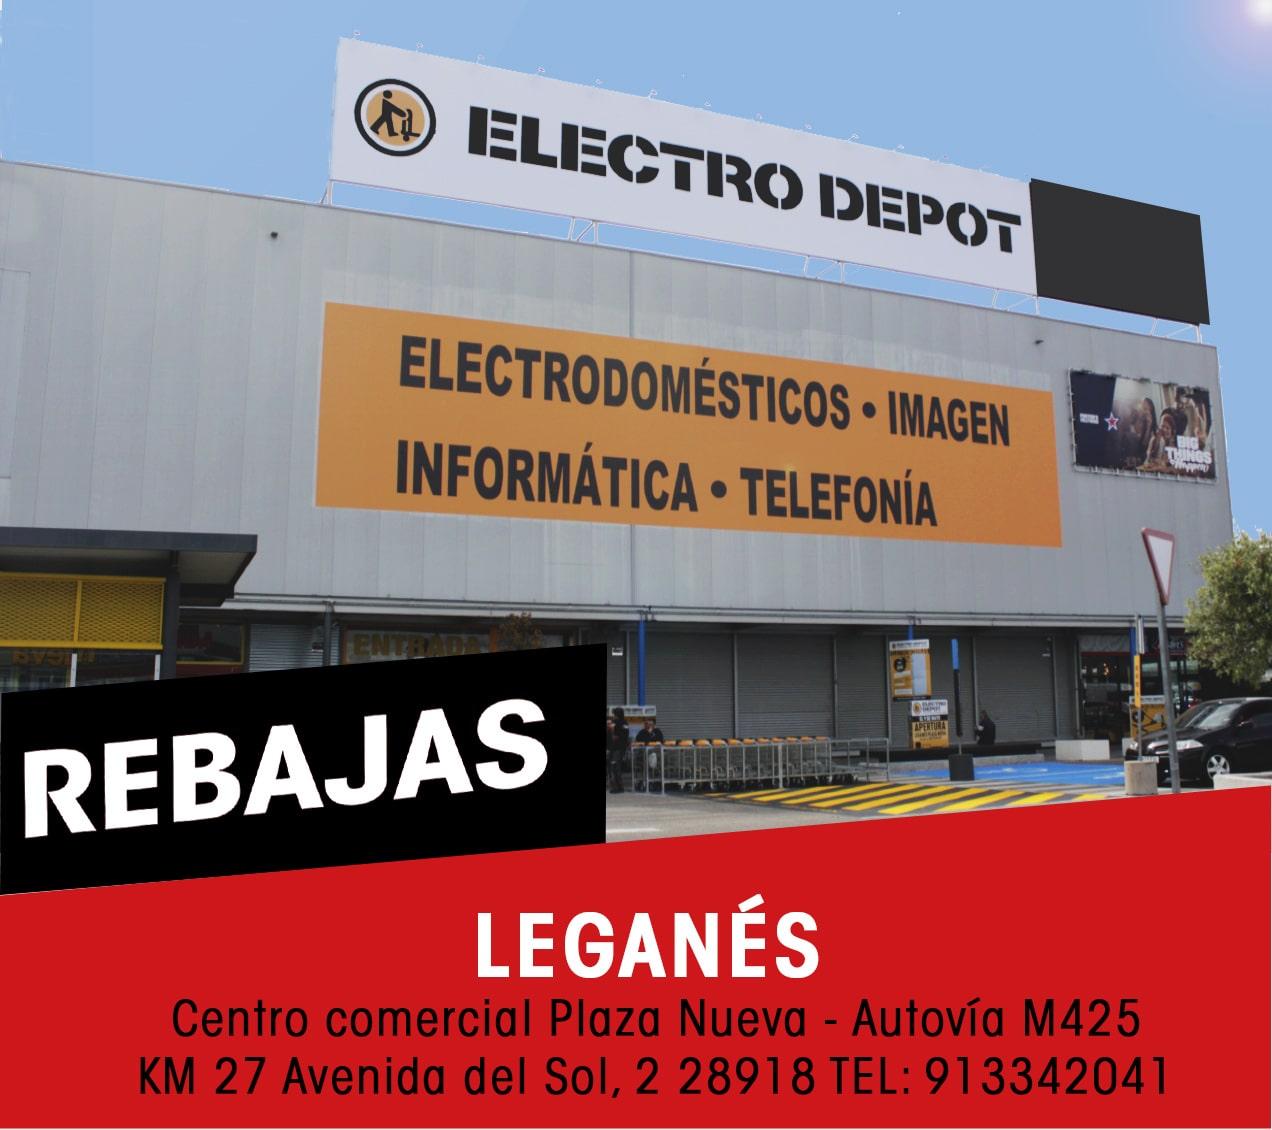 LEGANES REBAJAS